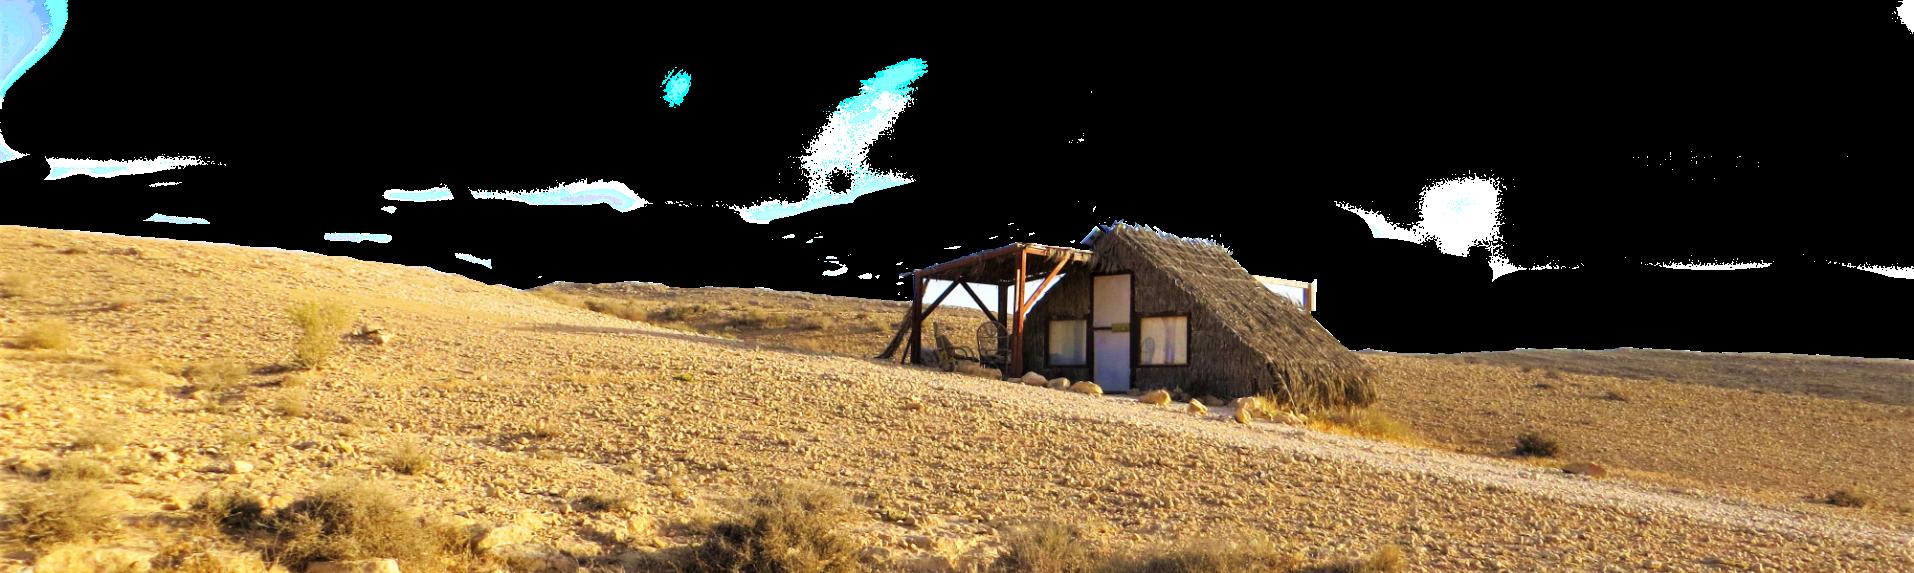 middel hut